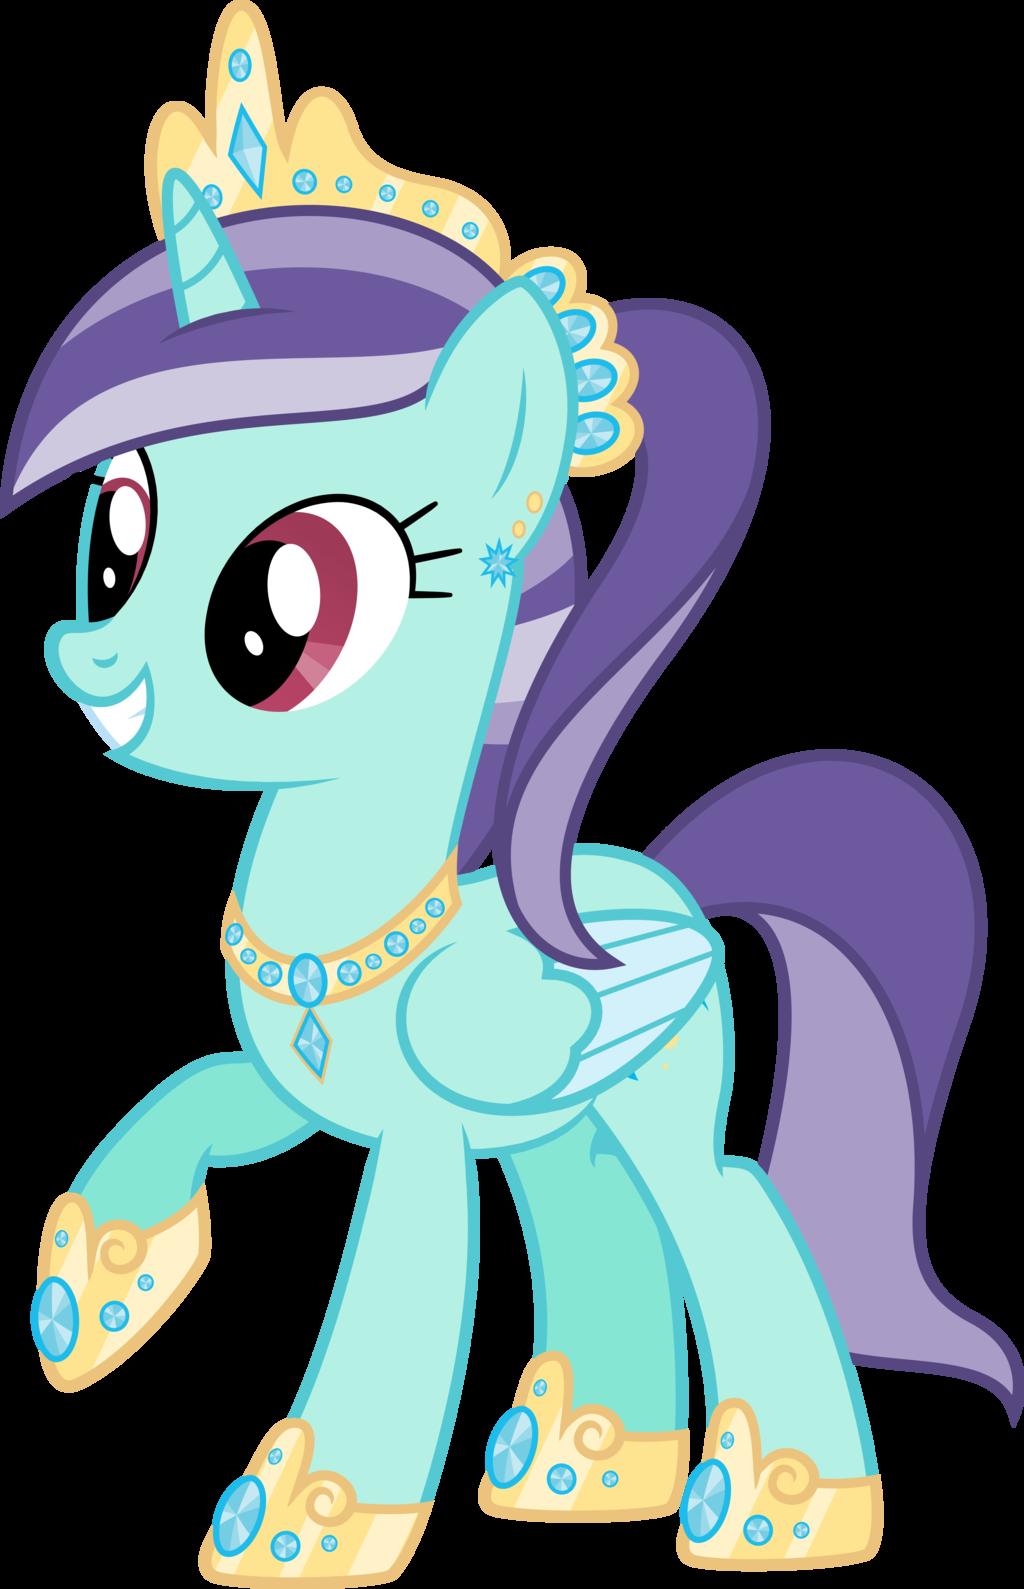 image princess seasparkpng twitterponies wiki